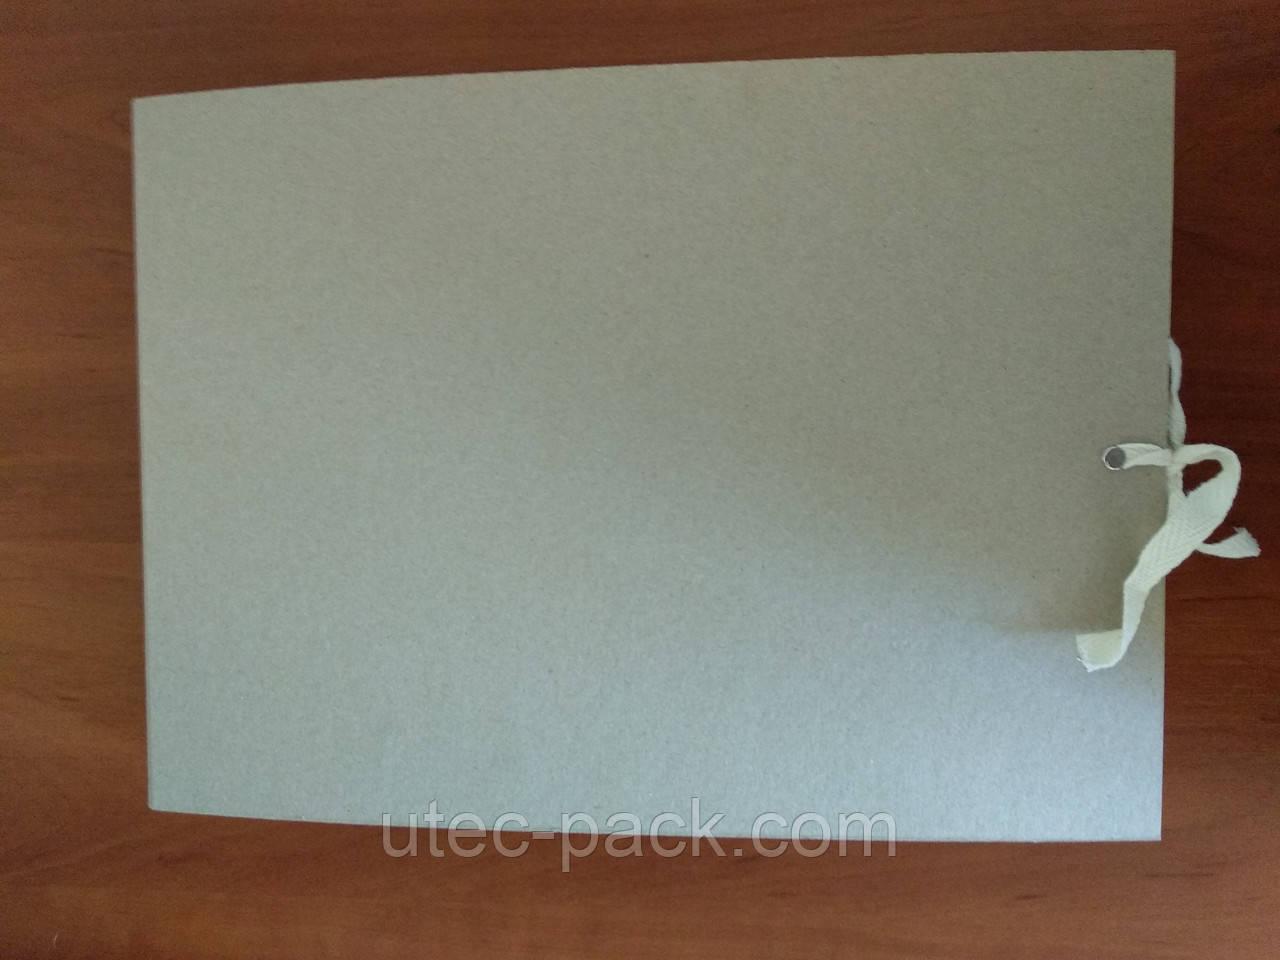 Папка архивная для альбомного хранения документов А4 на завязках, высота корешка 40 мм  без титульной страницы